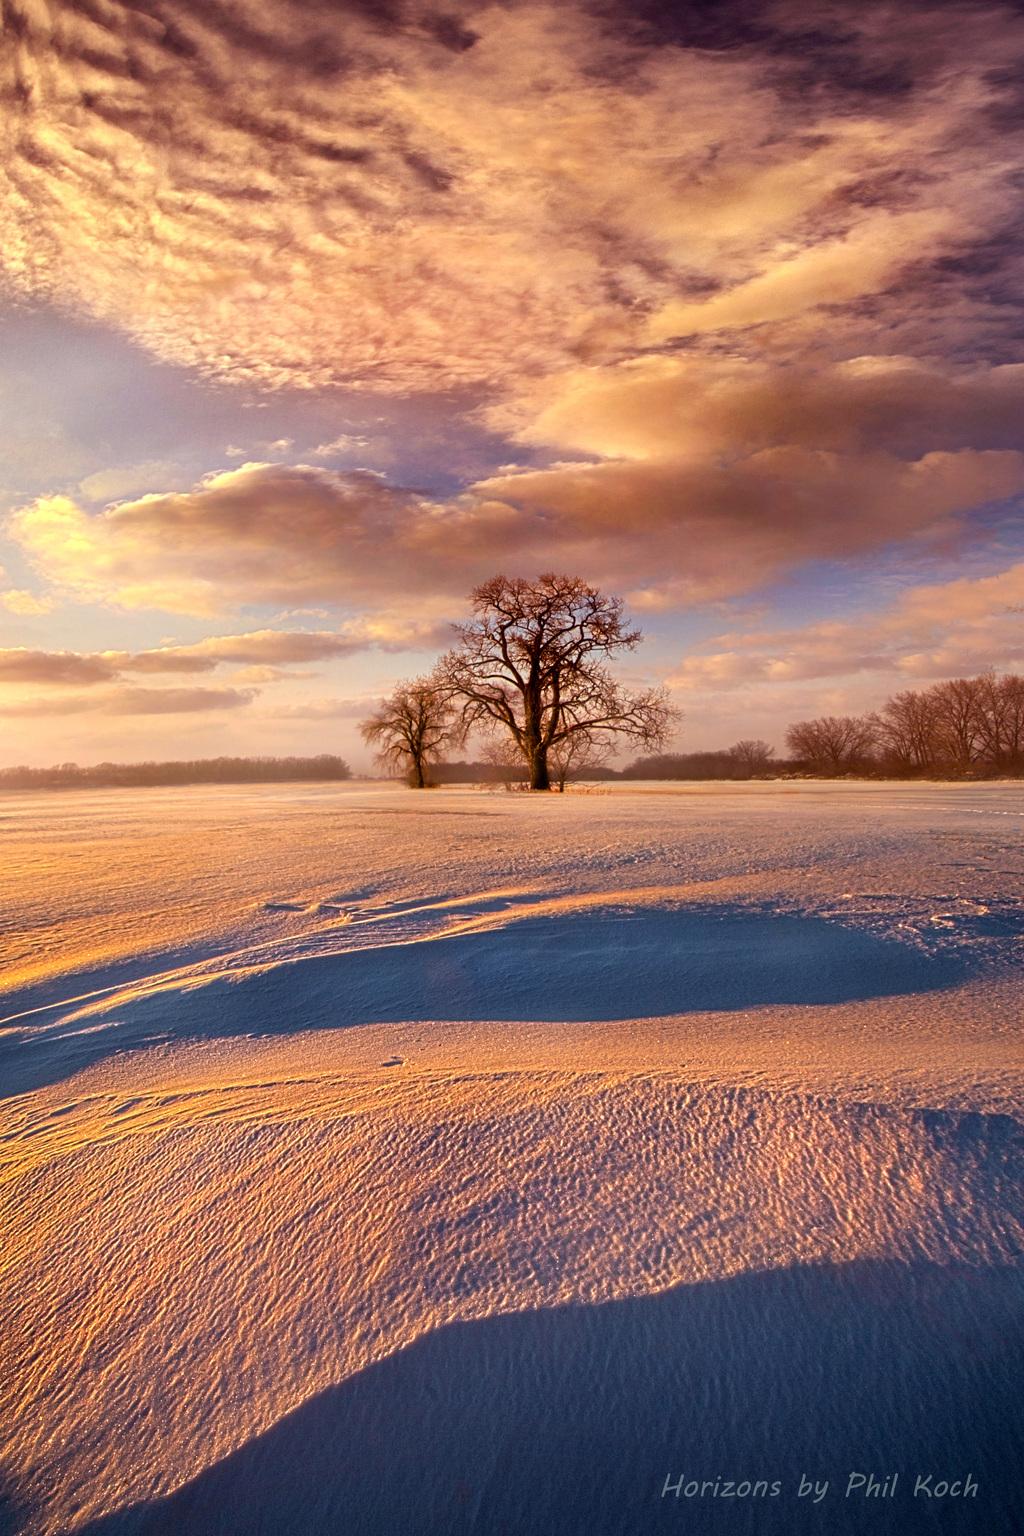 Two Trees via Phil Koch